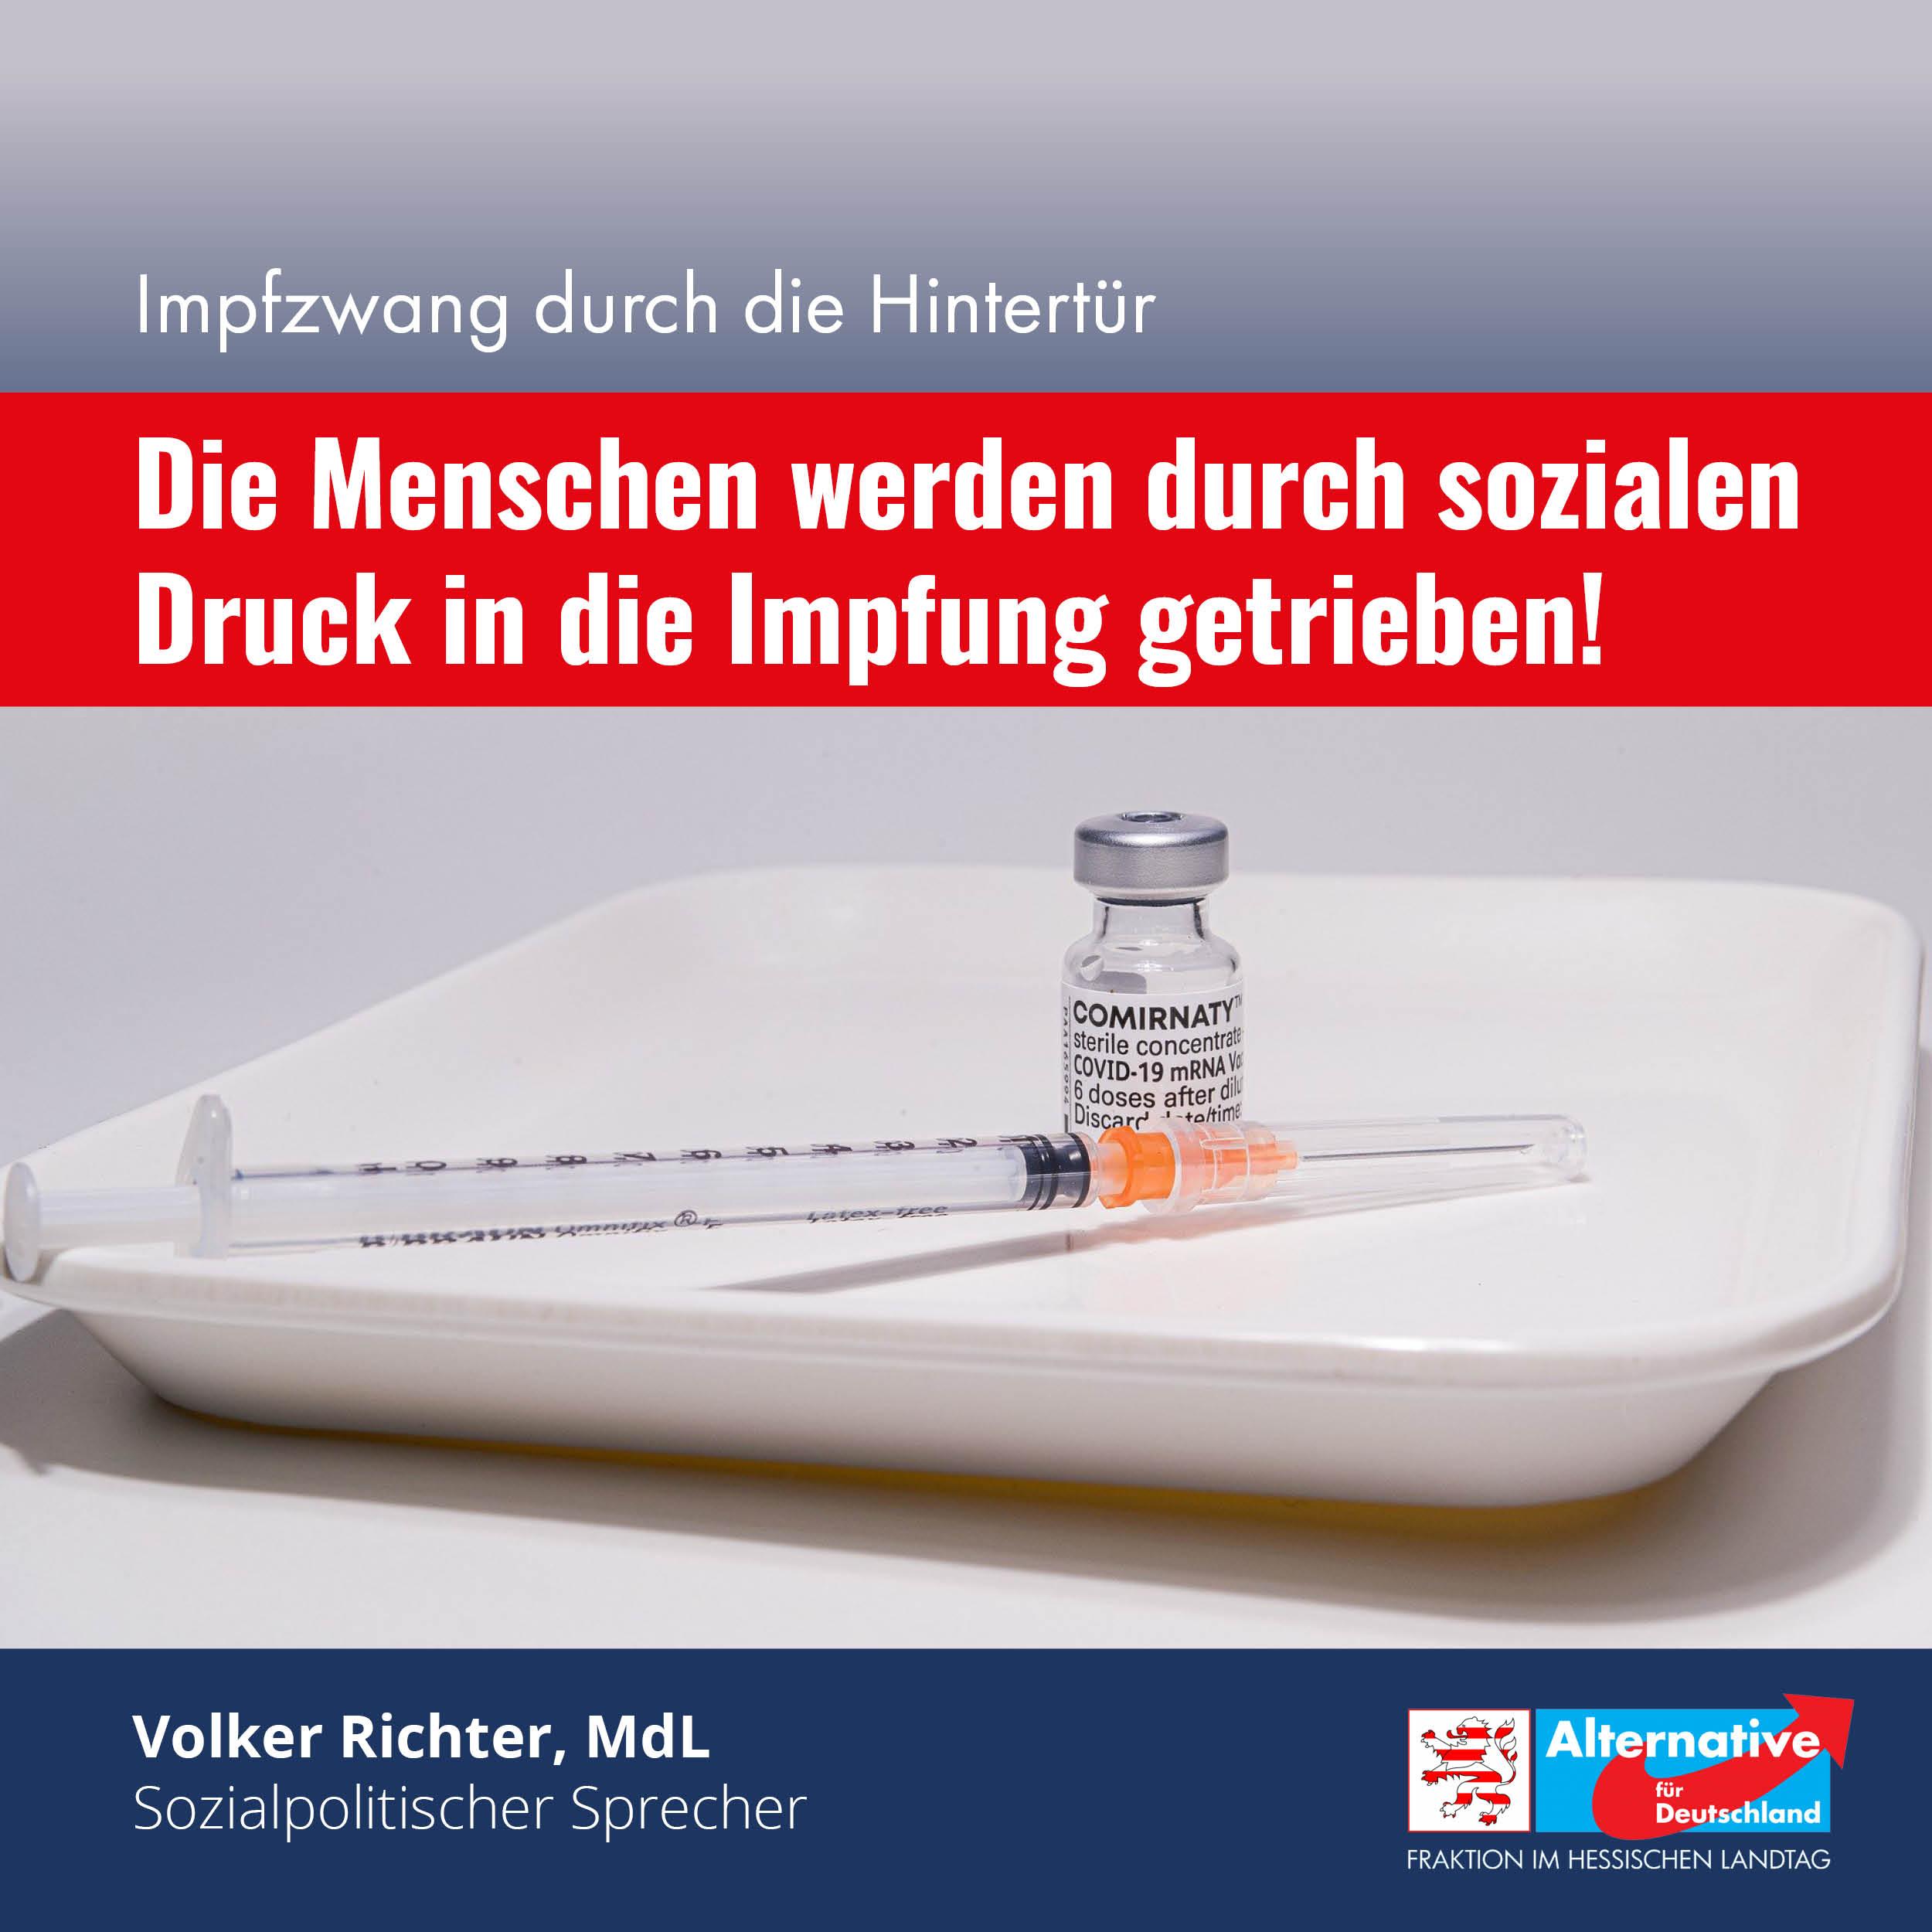 You are currently viewing Impfzwang durch die Hintertür: Landesregierung baut sozialen Druck auf!